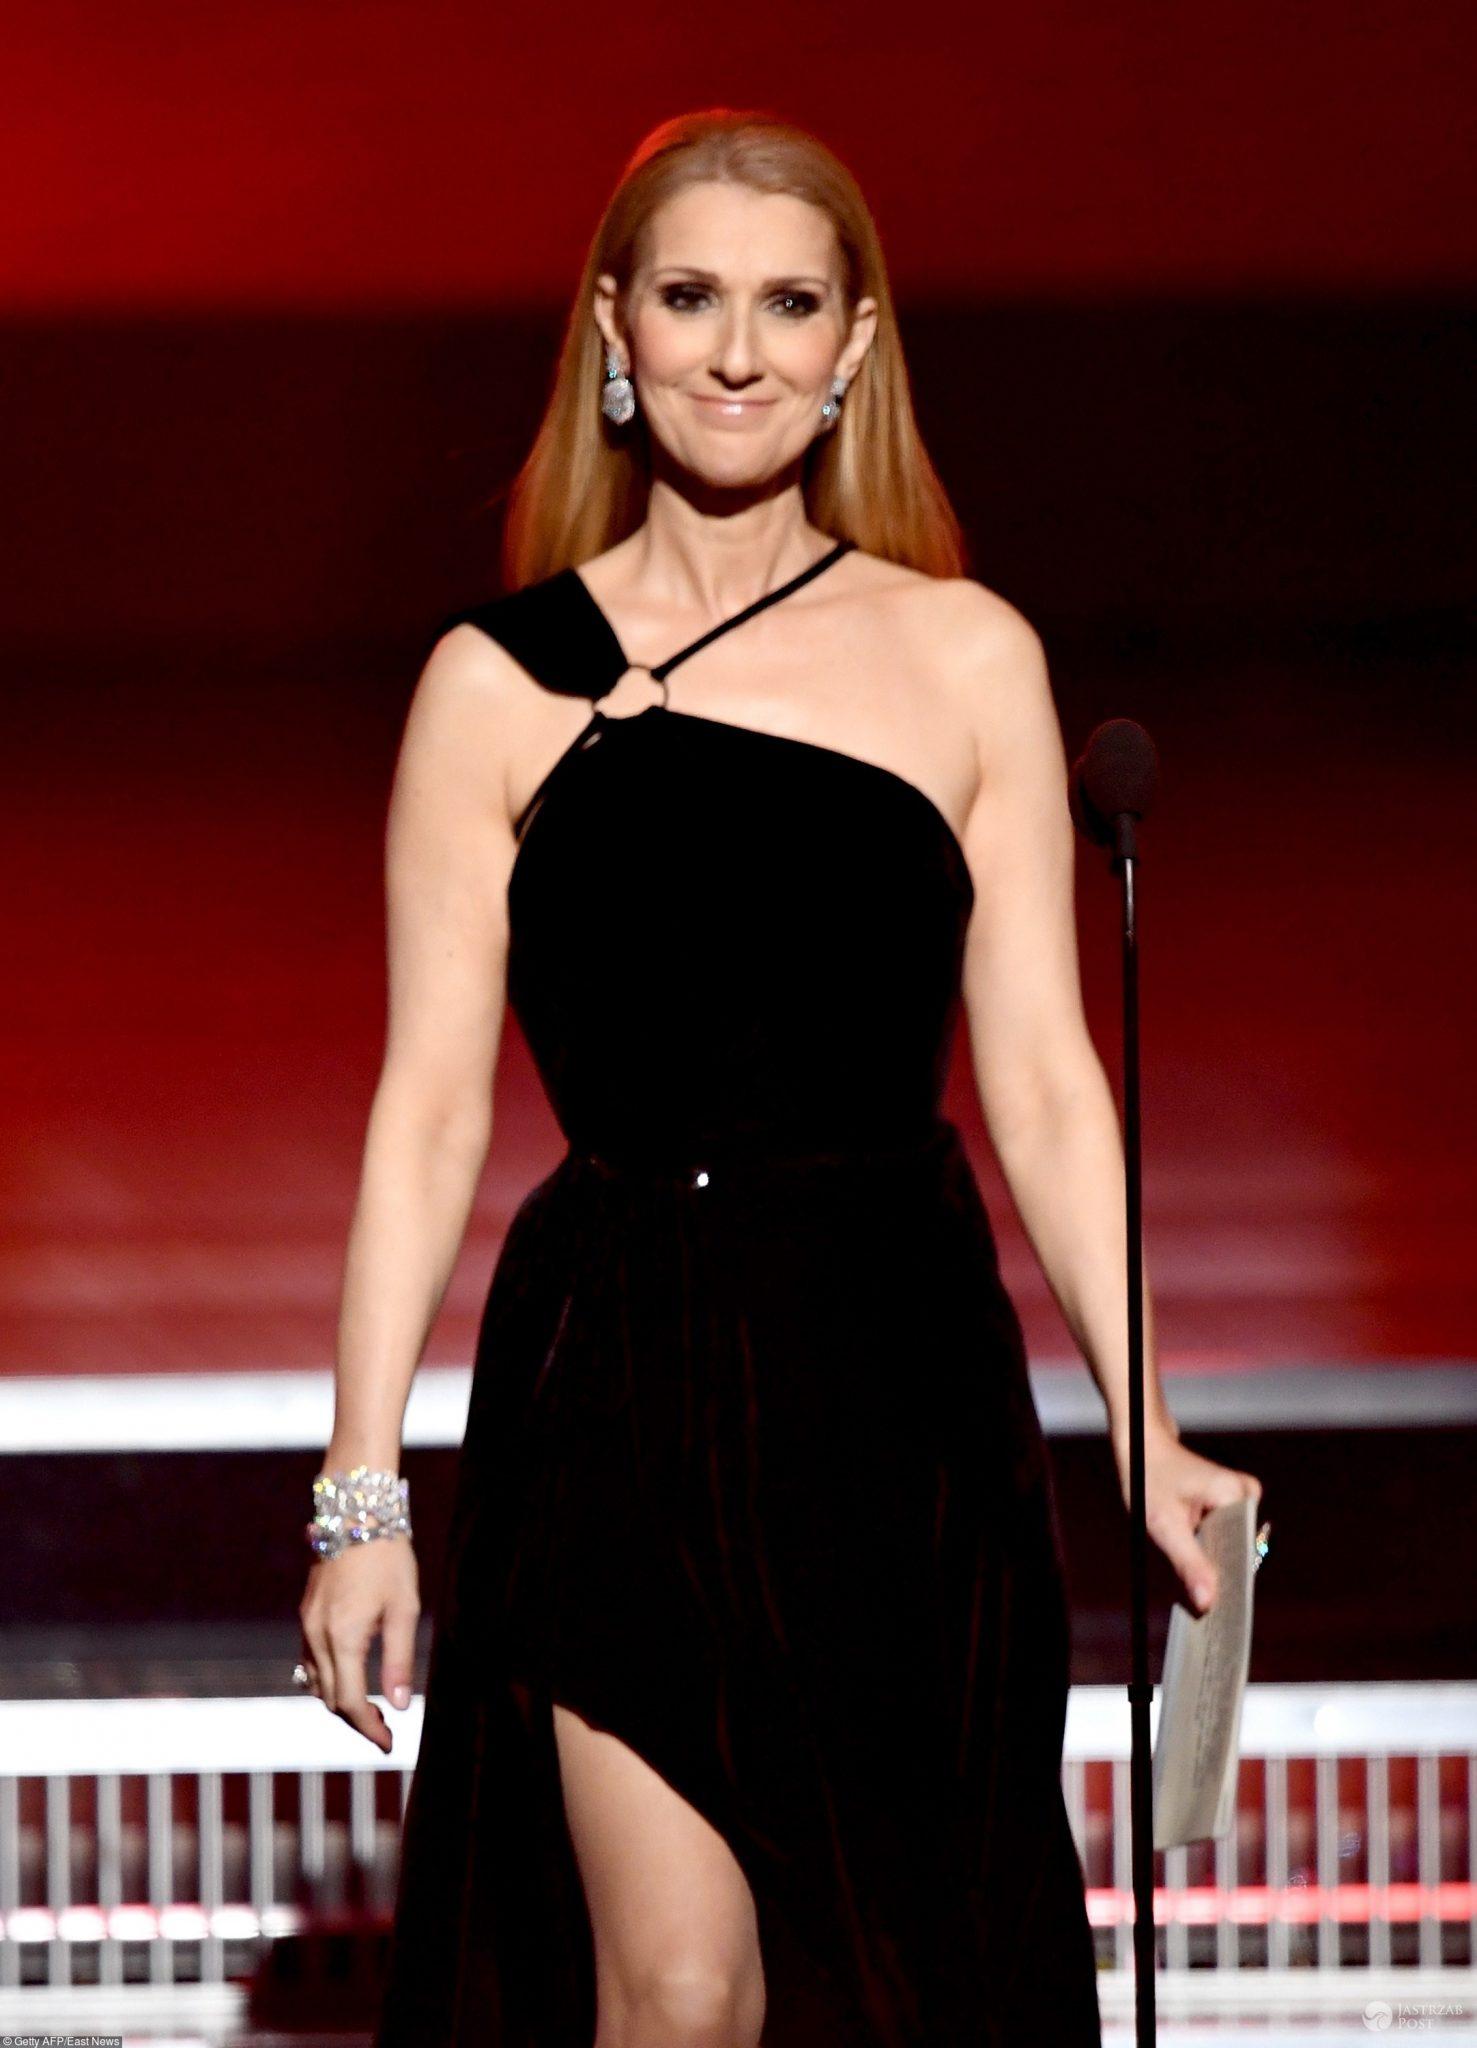 Celine Dion urodziła się 30 marca 1968 roku